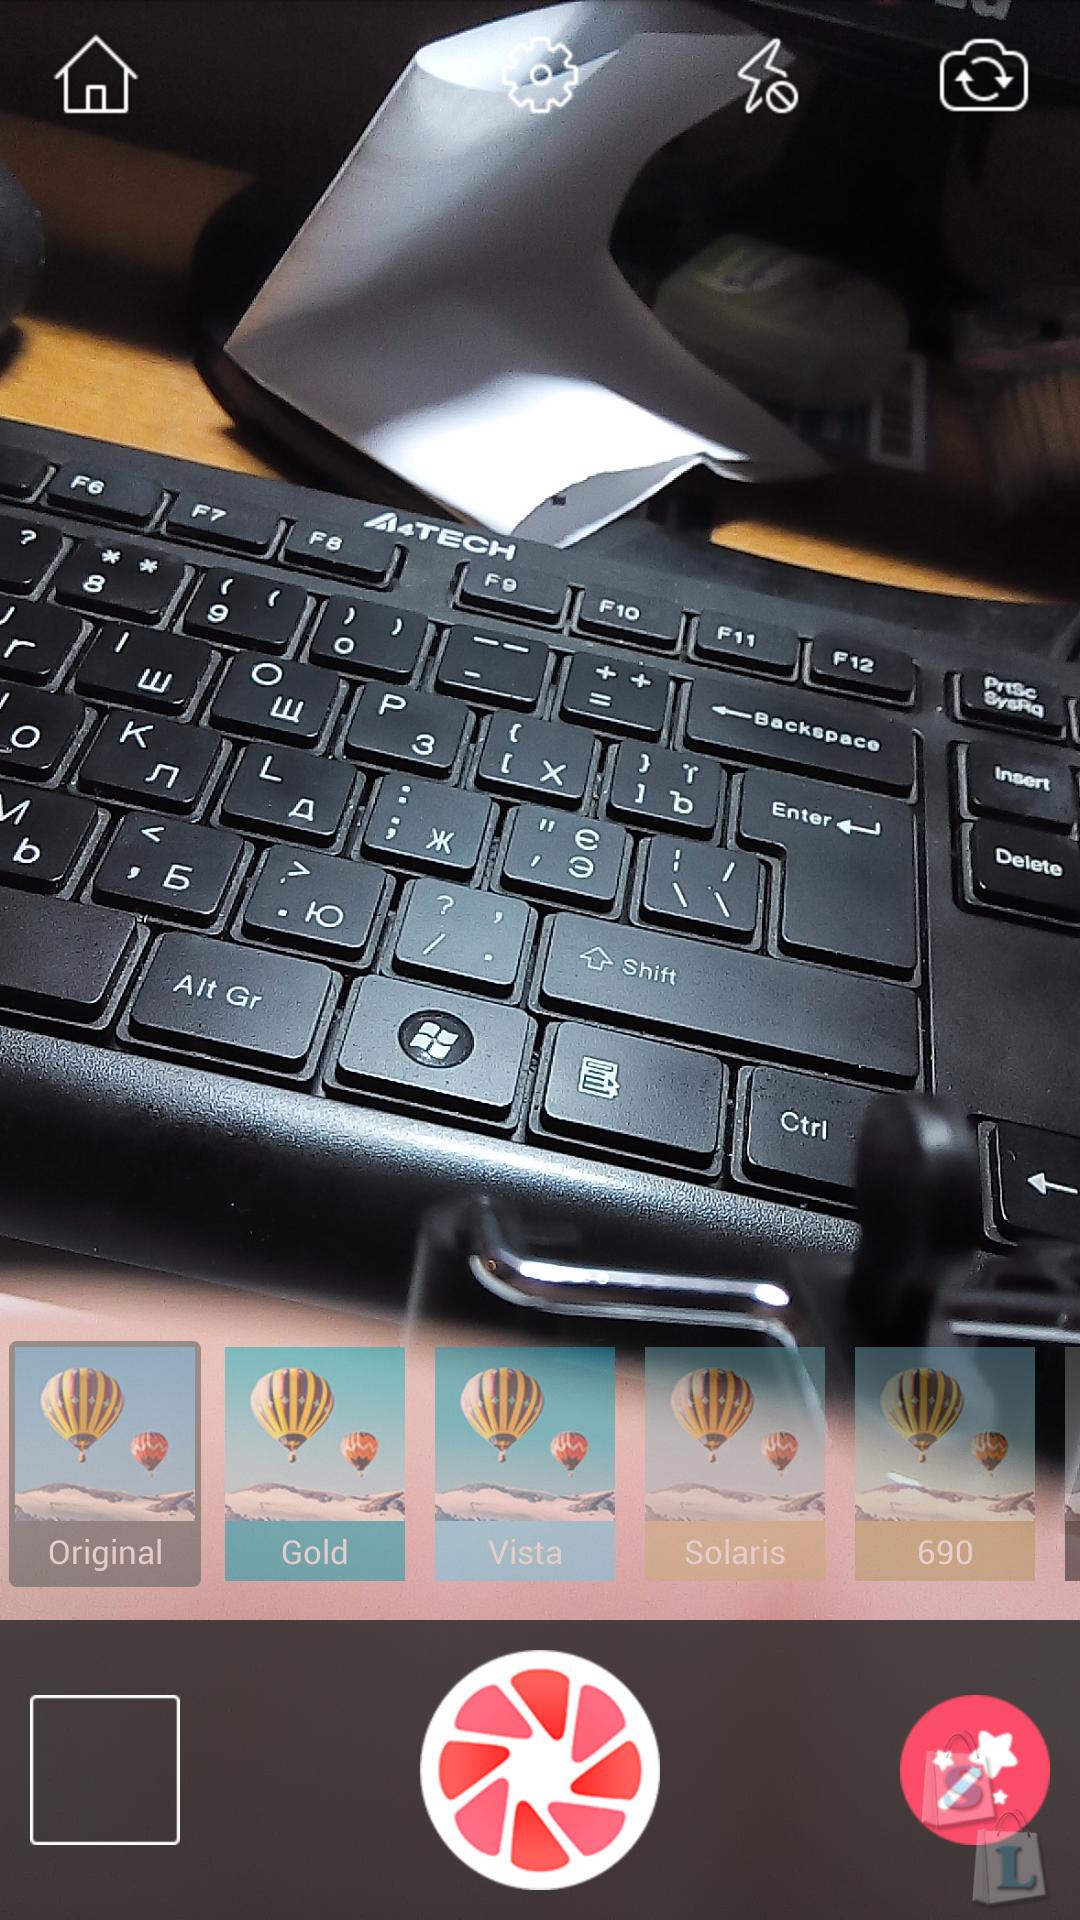 GearBest: Обзор палки для селфи с кнопкой и подключением к аудиовыходу